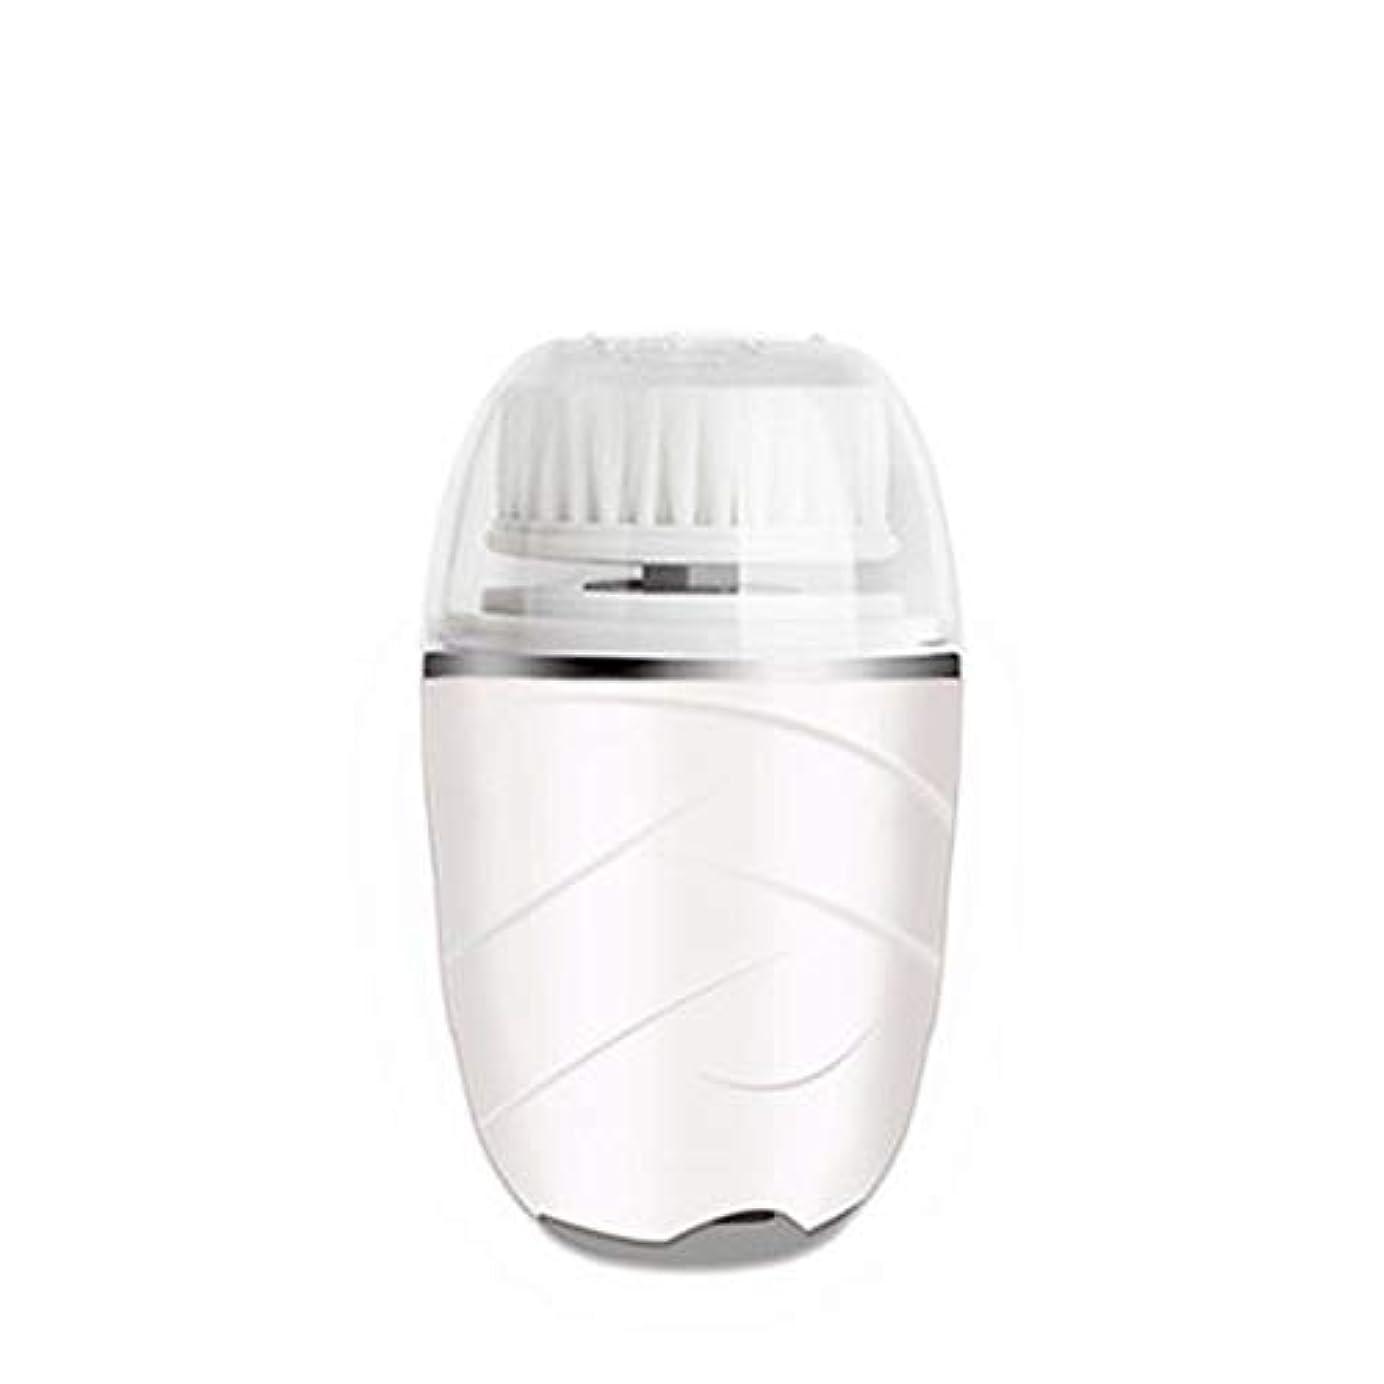 よろめく進行中ごちそうHEHUIHUI- クレンジングブラシ、防水ディープクレンジングポア、電気剥離、にきび、アンチエイジングクレンジングブラシ(ピンク) (Color : White)